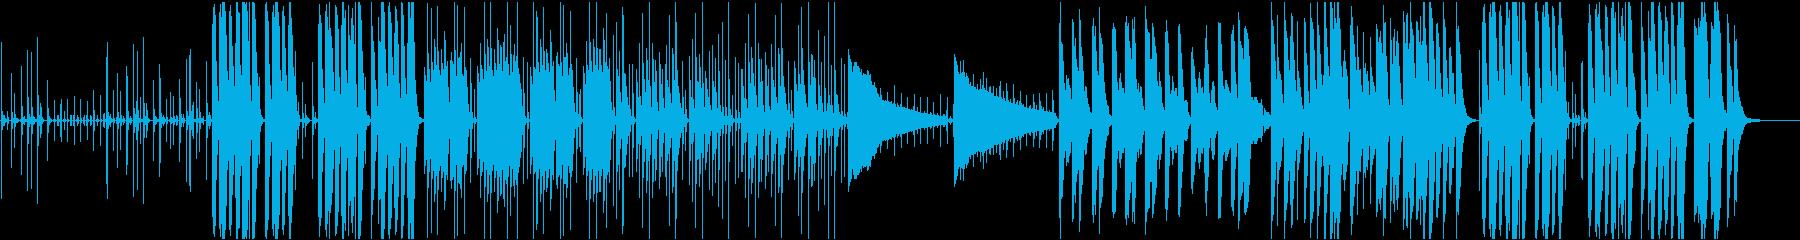 企業VP52 コミカル・楽しい・軽快の再生済みの波形